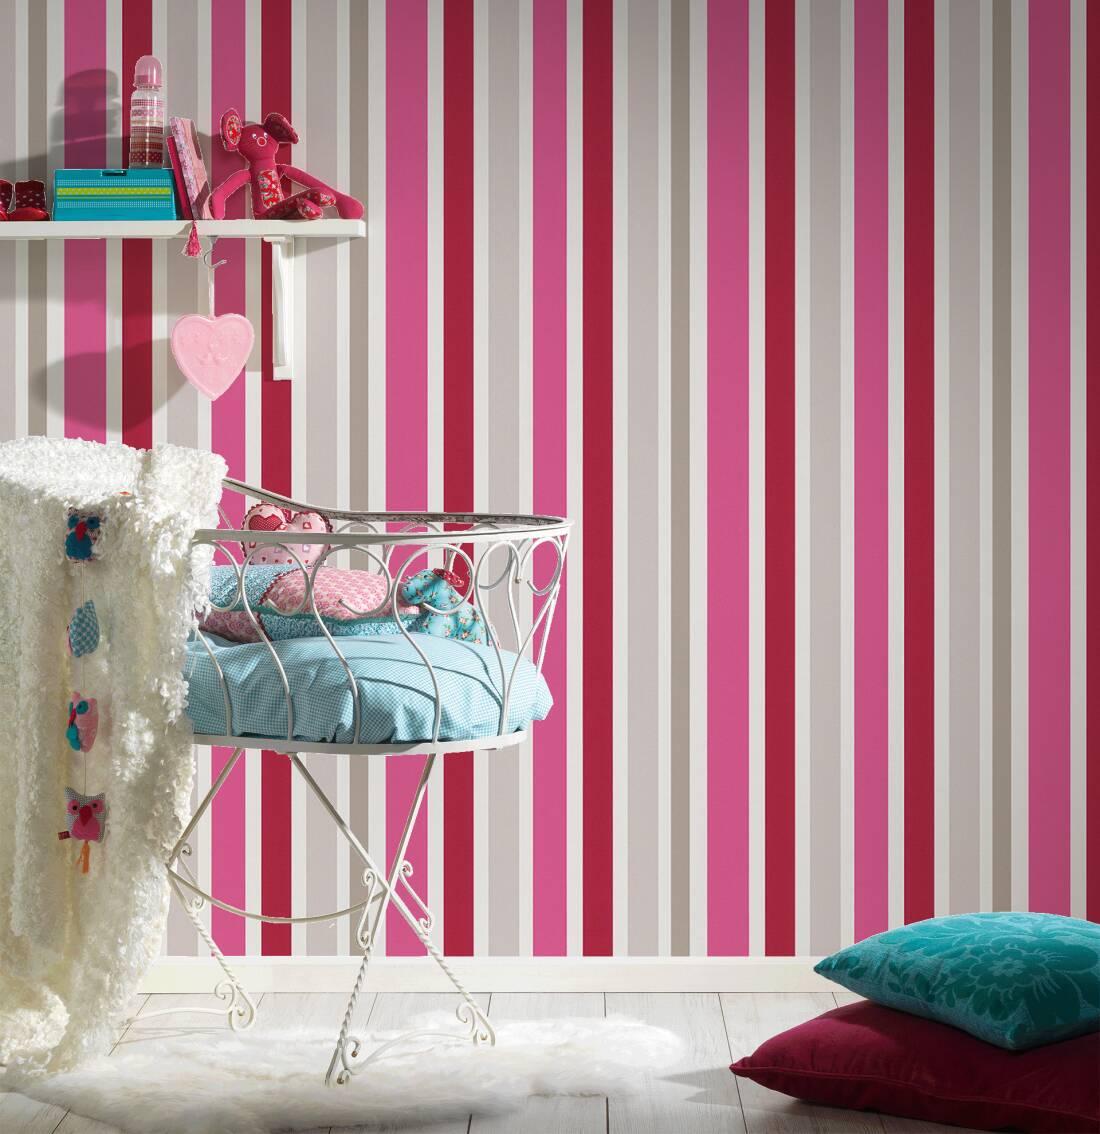 esprit home tapete 302882. Black Bedroom Furniture Sets. Home Design Ideas